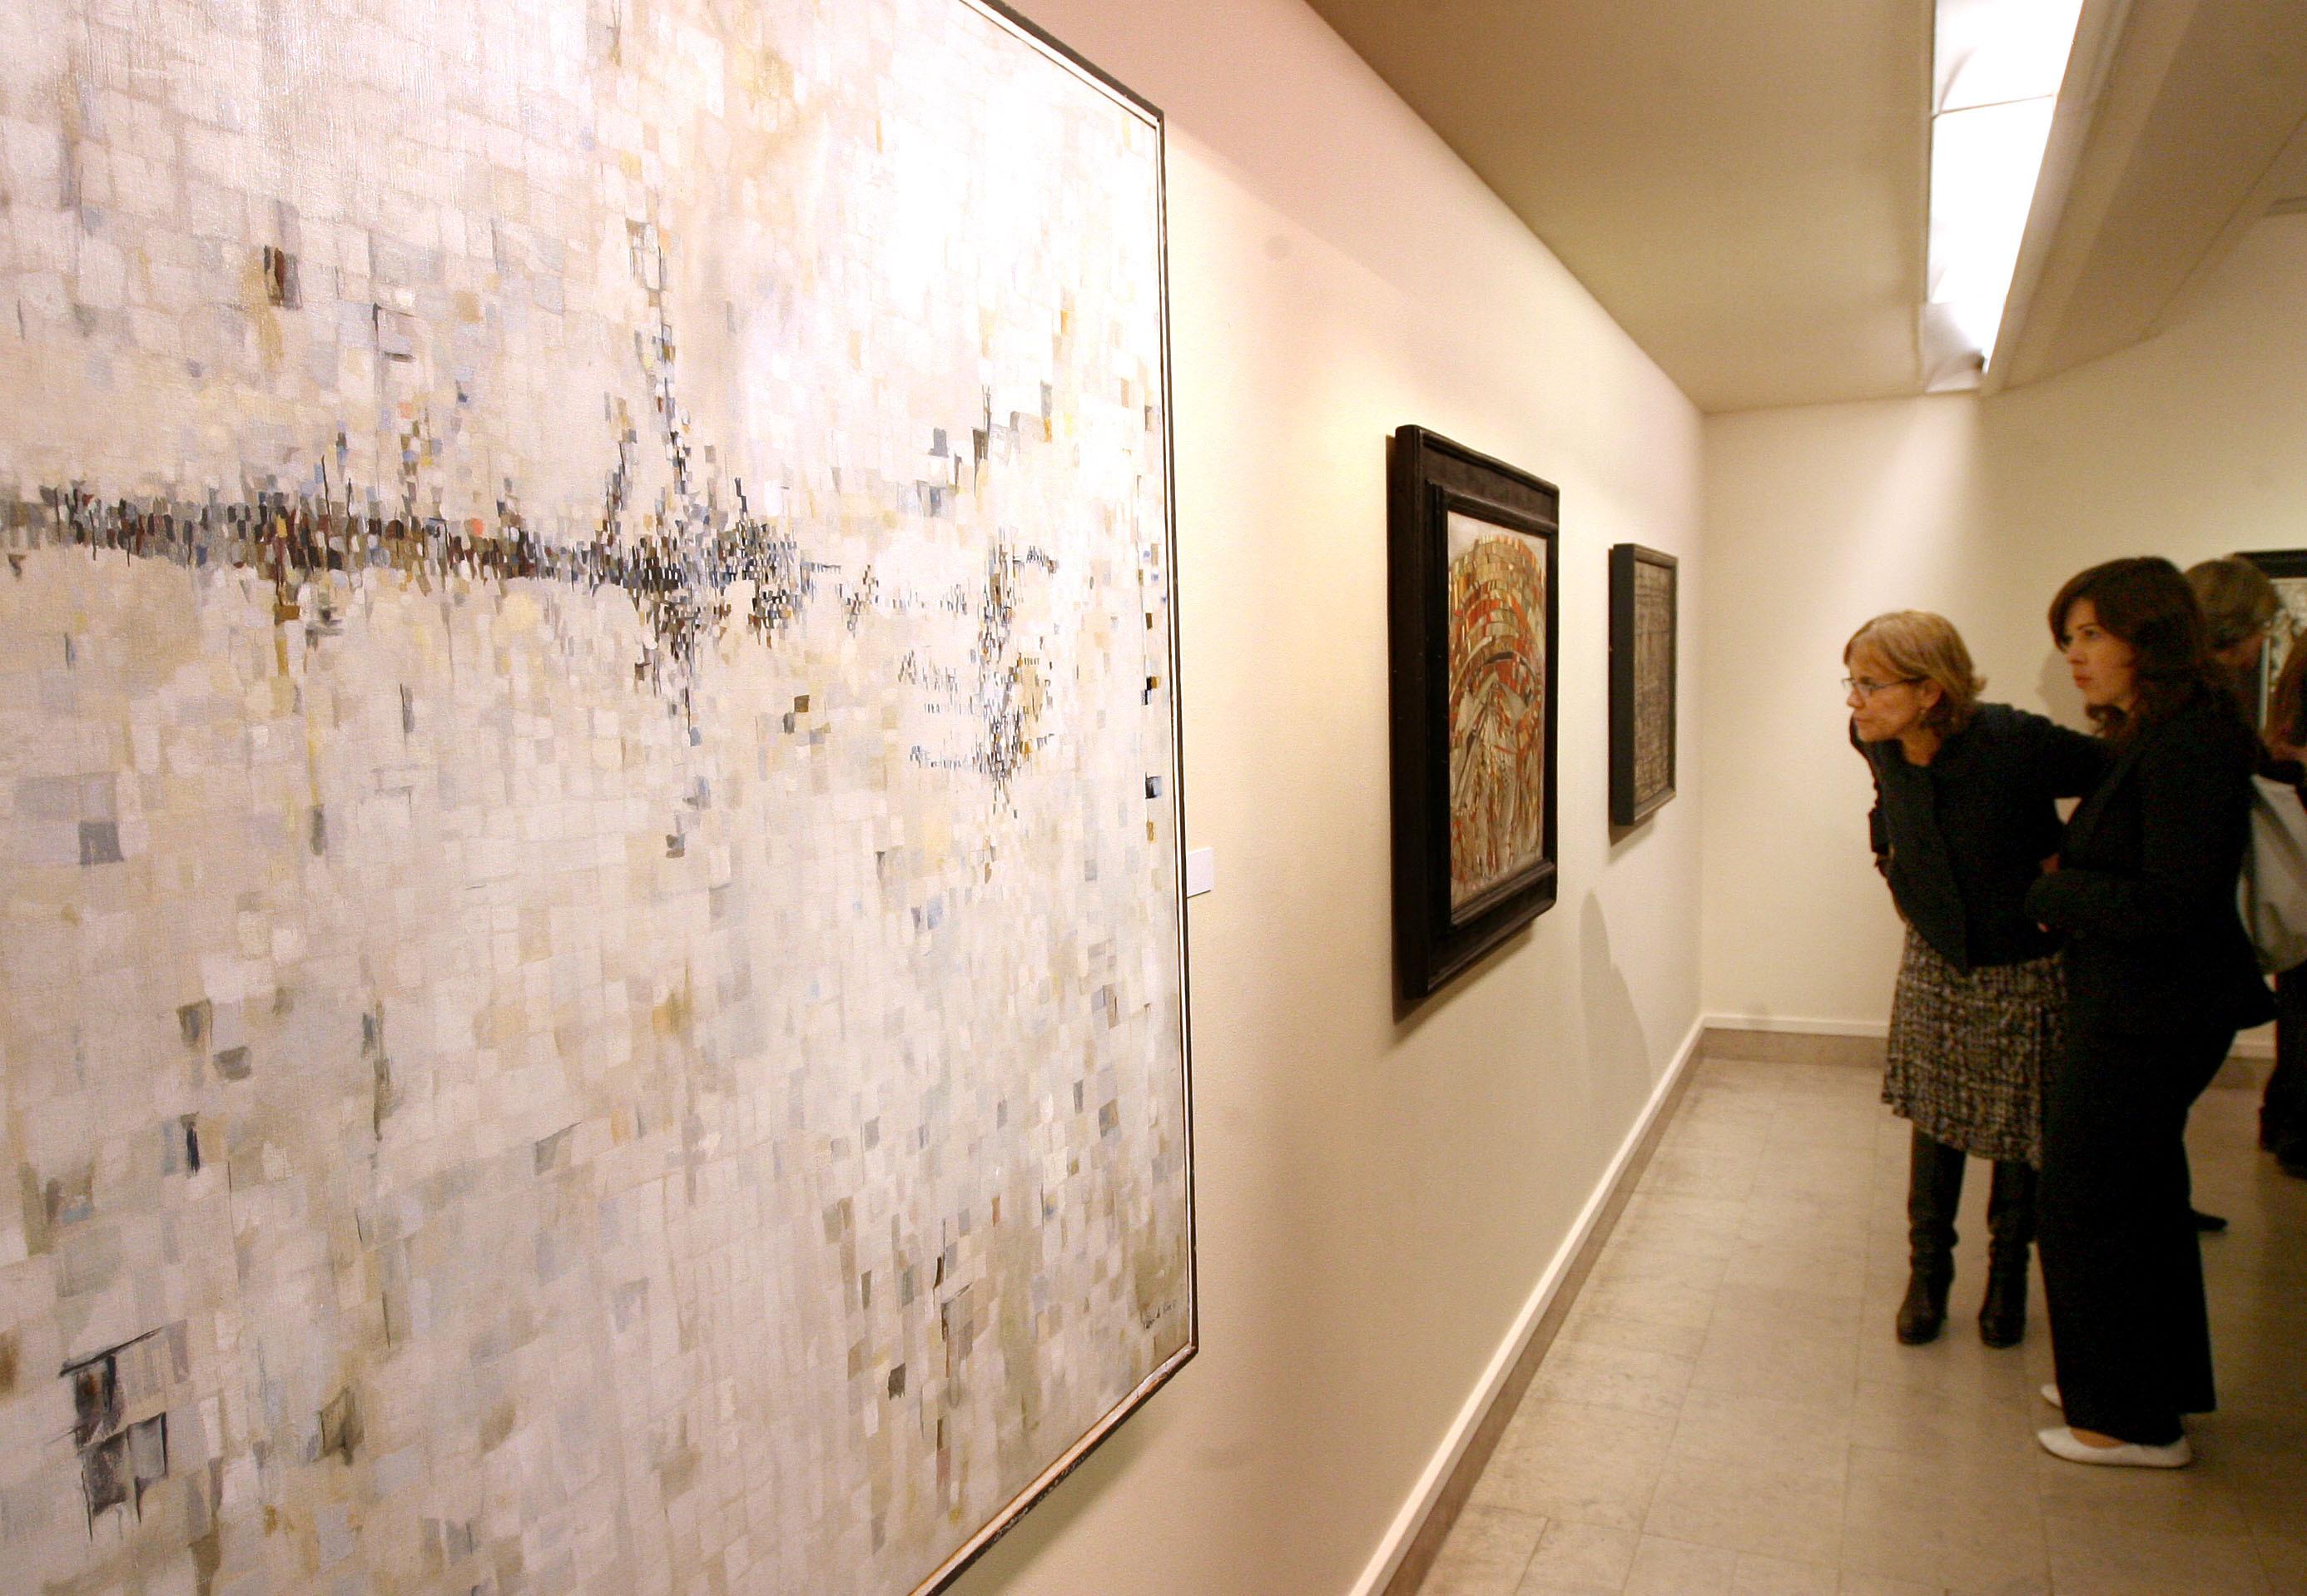 Aquisição de seis obras de Vieira da Silva marcaram história do museu